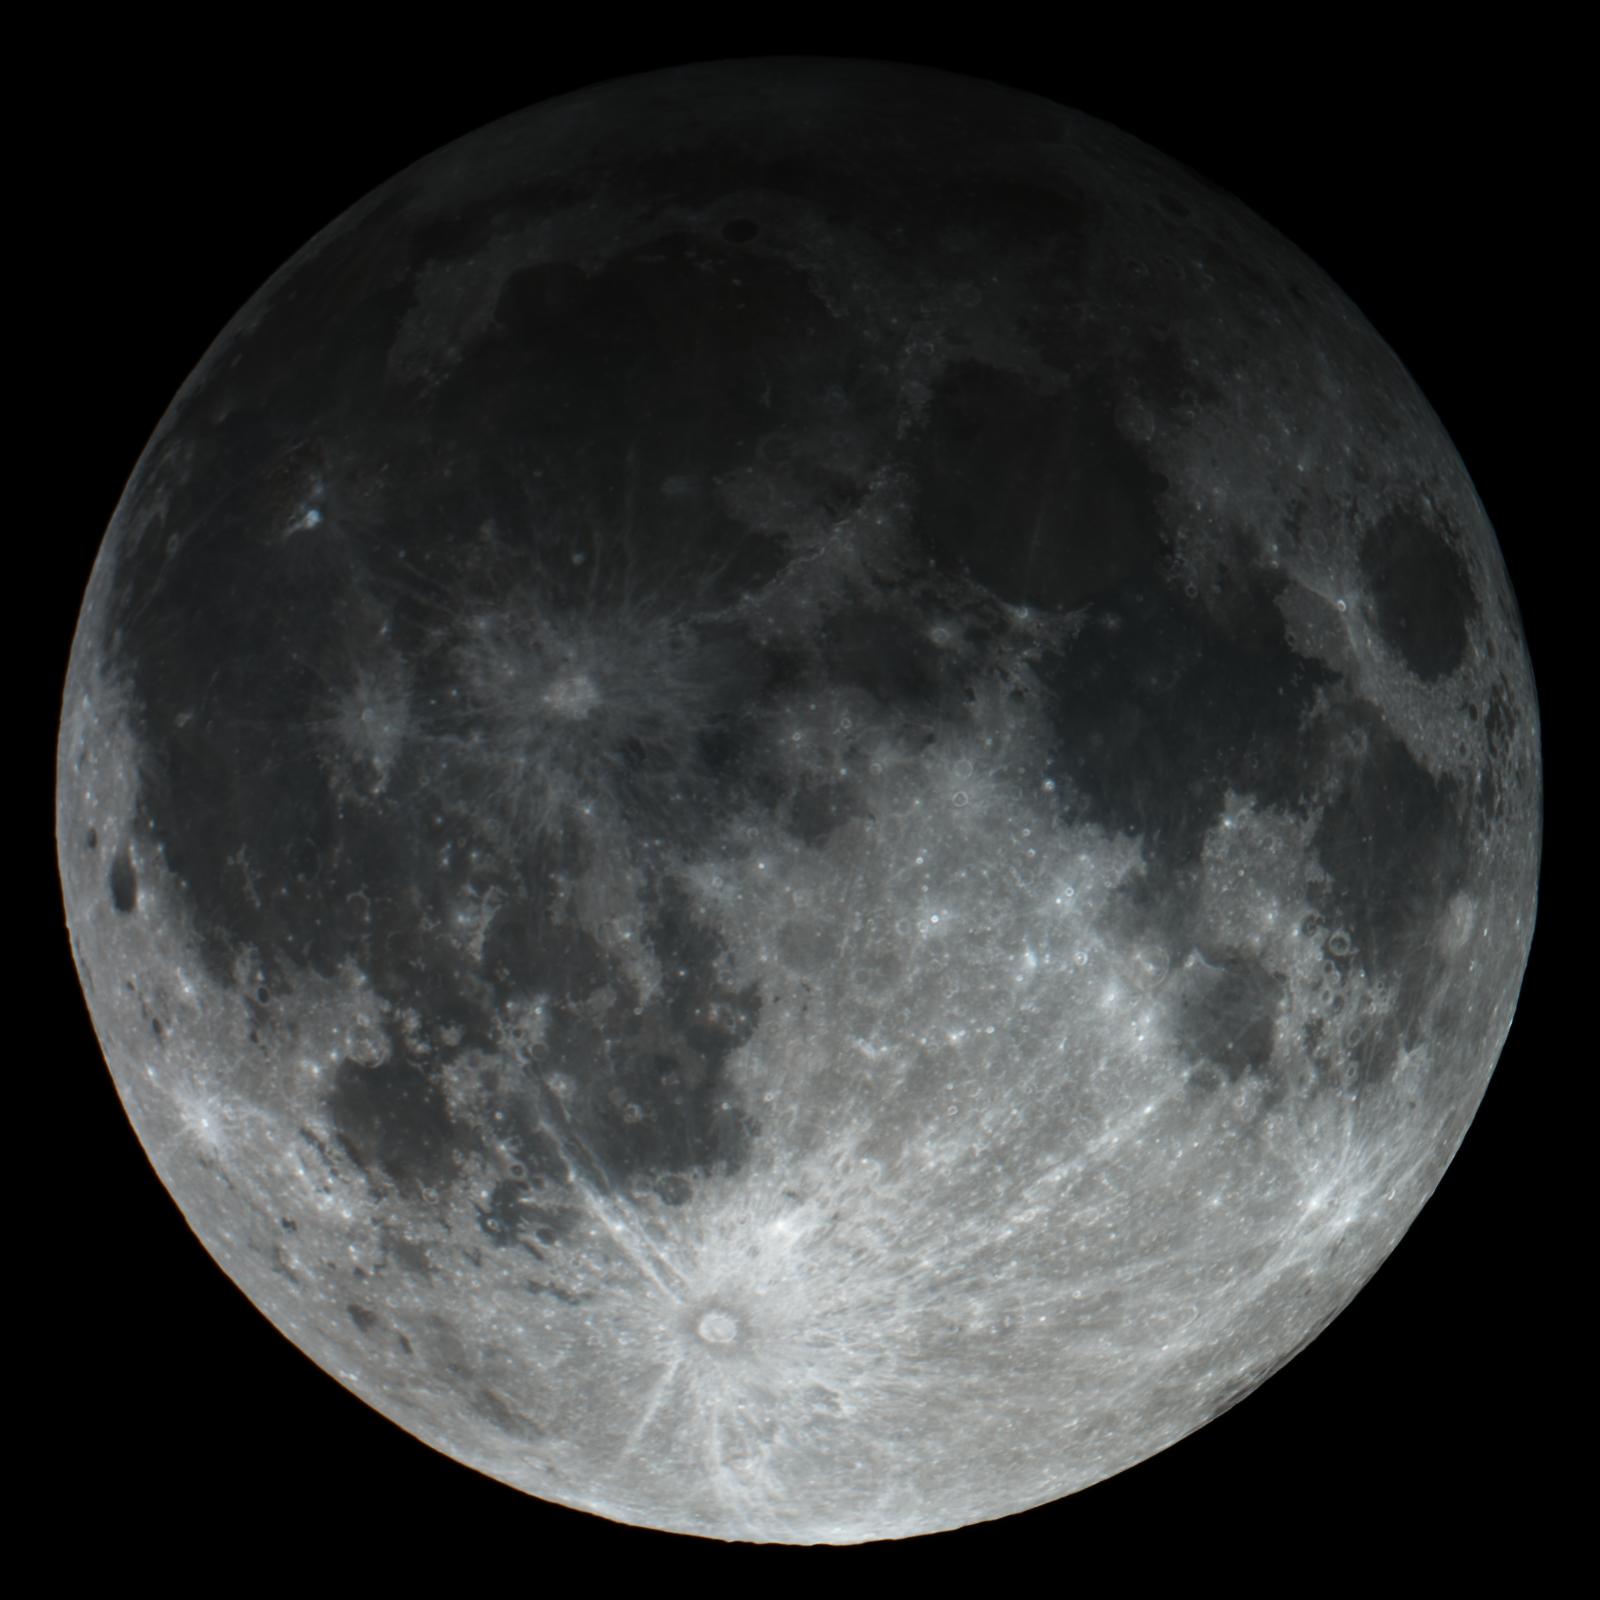 20201130-1842半影月食